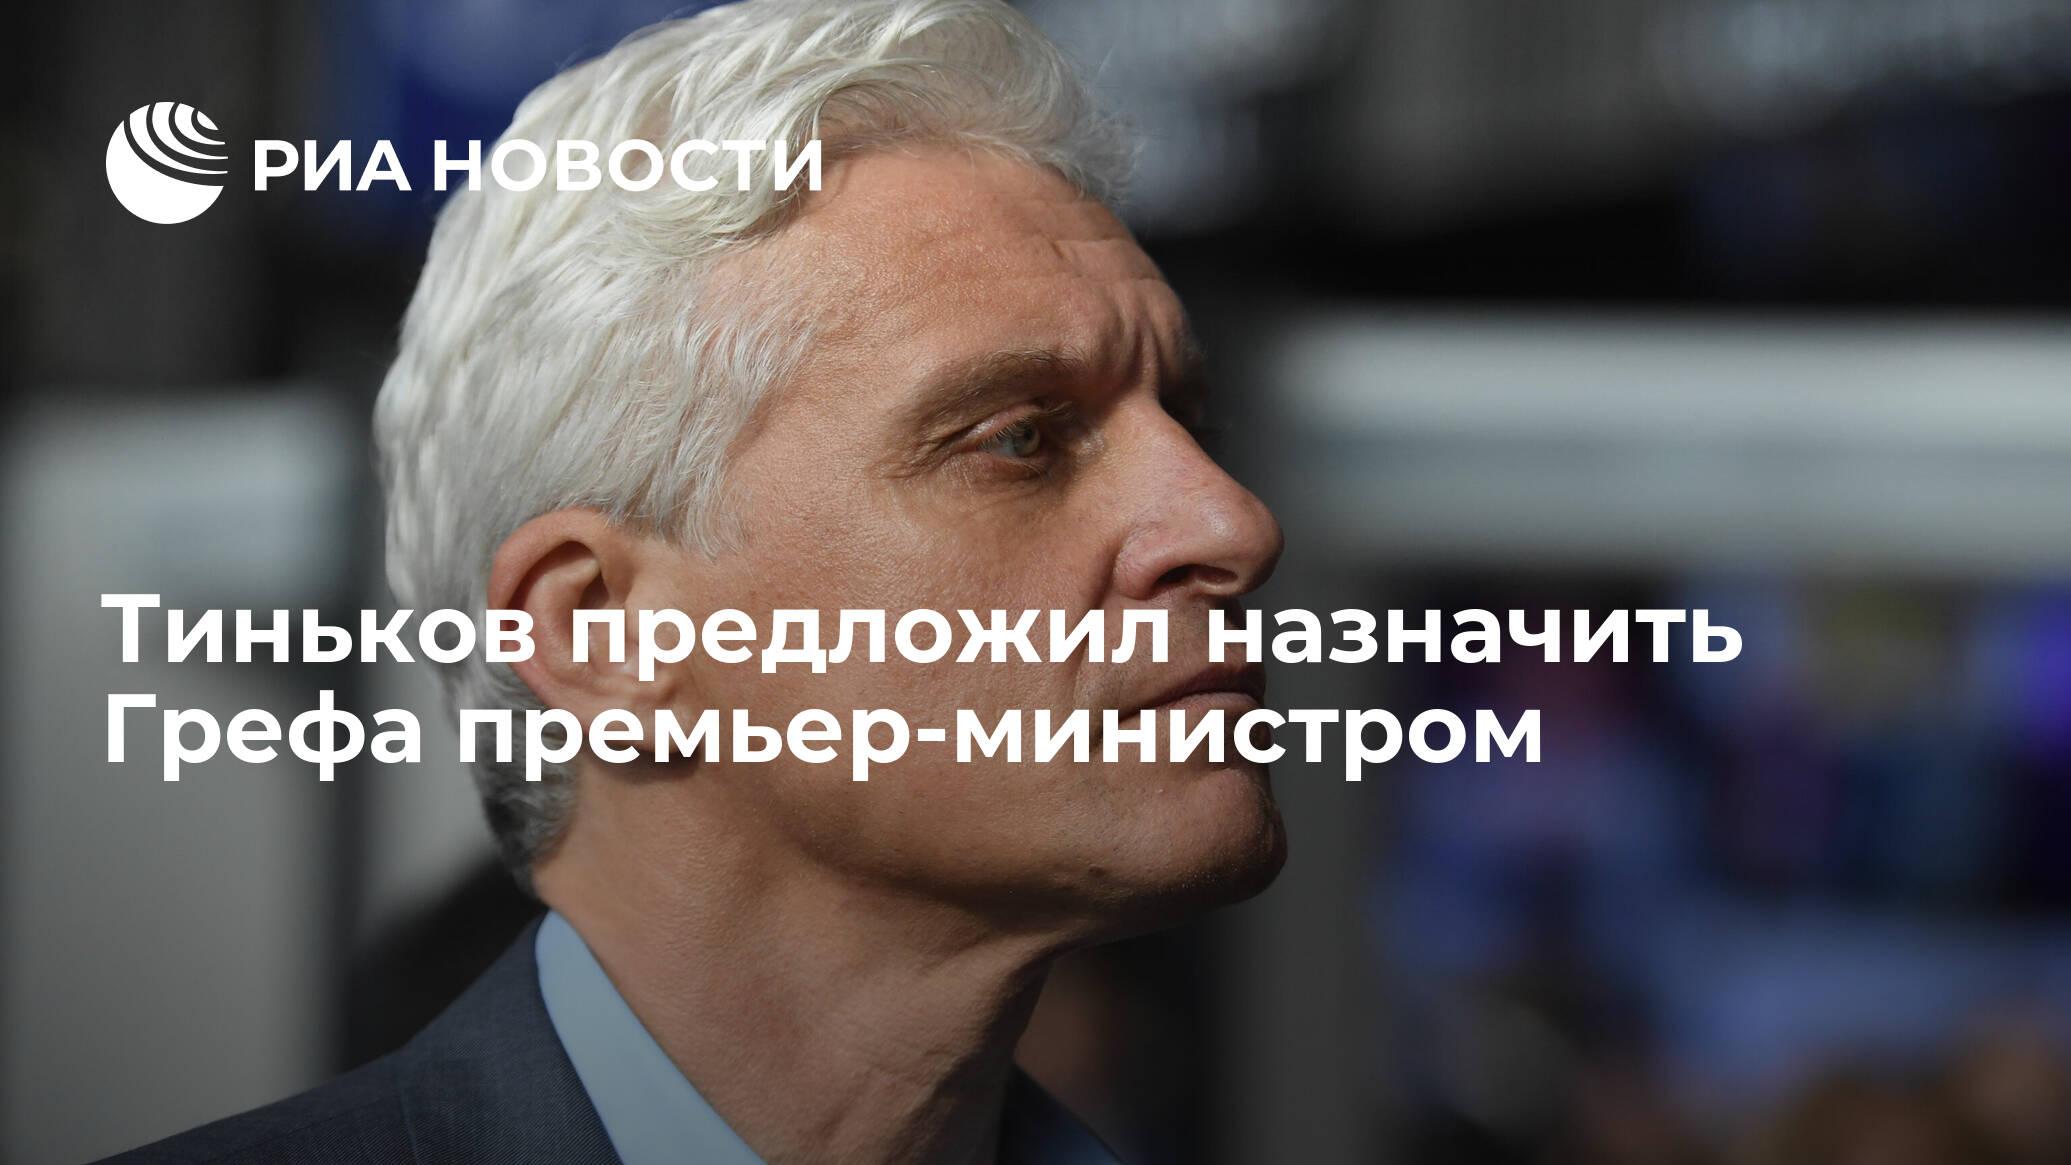 Тиньков предложил назначить Грефа премьер-министром